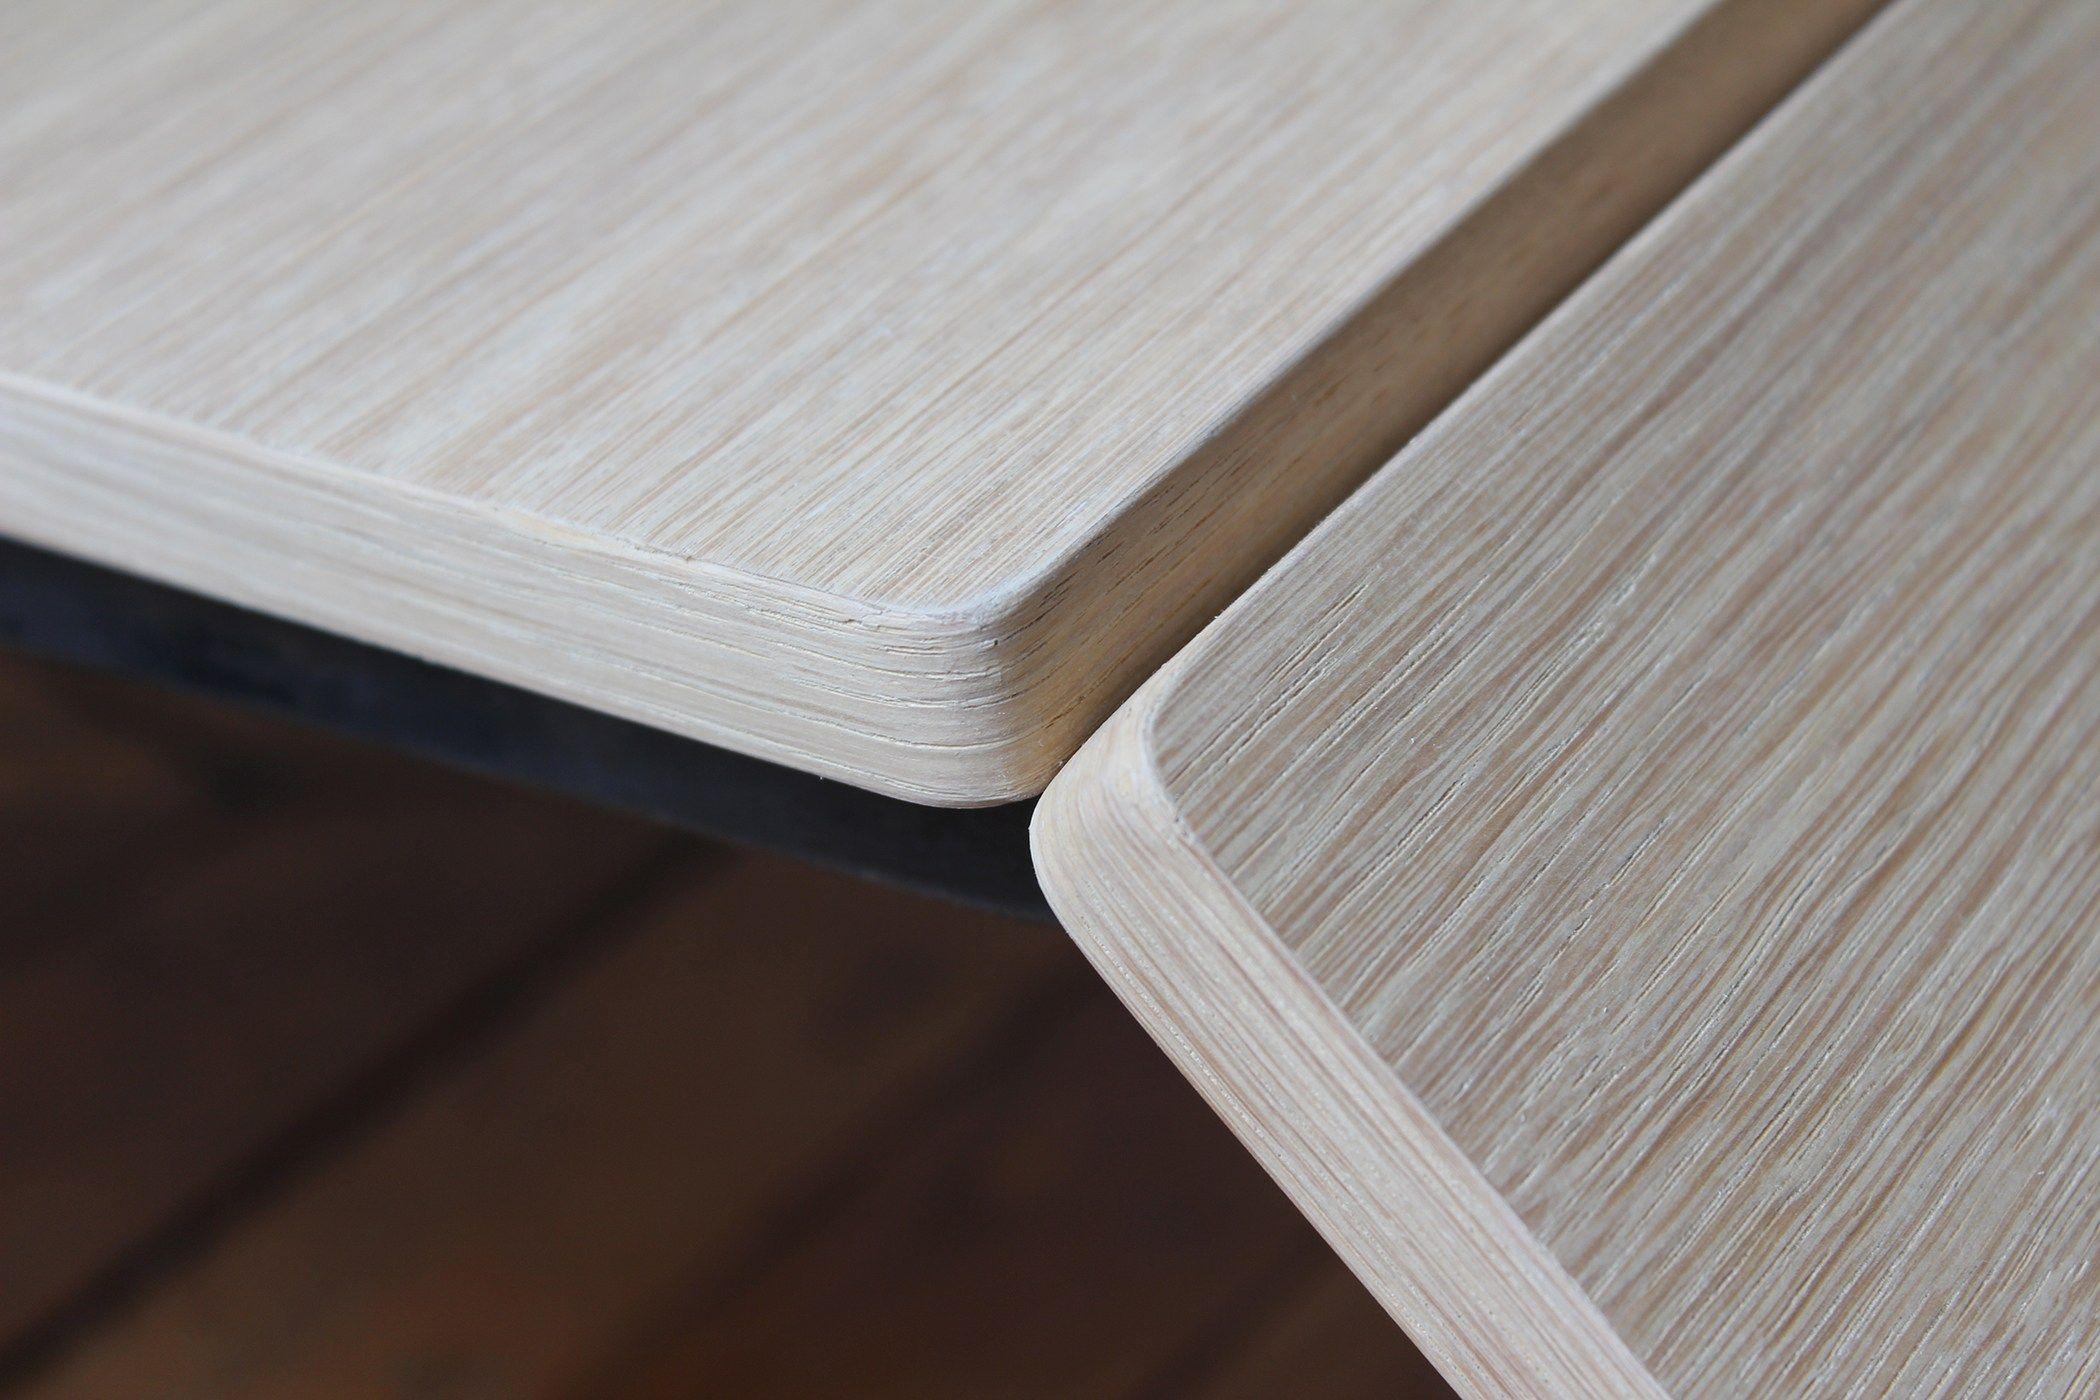 vaneau chaise longue by alex de rouvray design design alex de rouvray. Black Bedroom Furniture Sets. Home Design Ideas